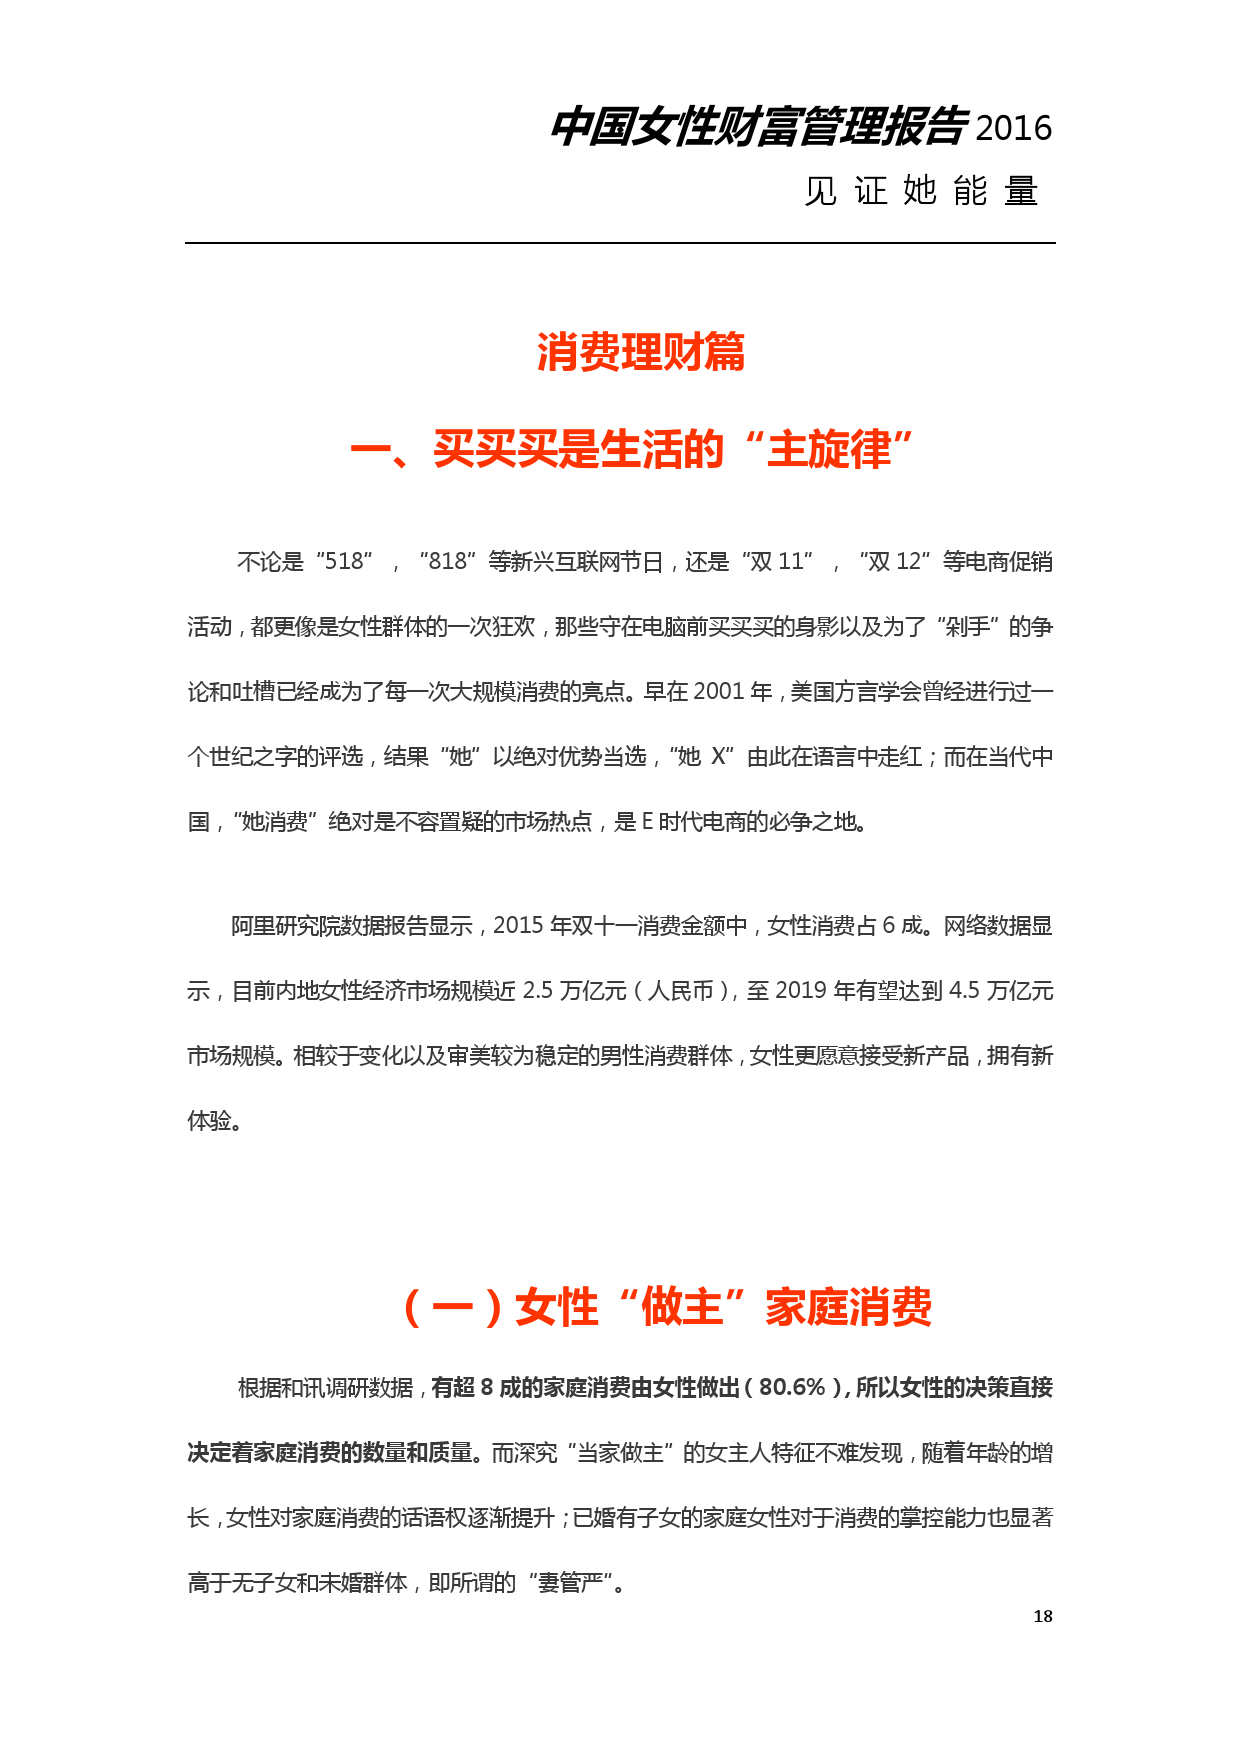 2016年中国女性财富管理报告_000018